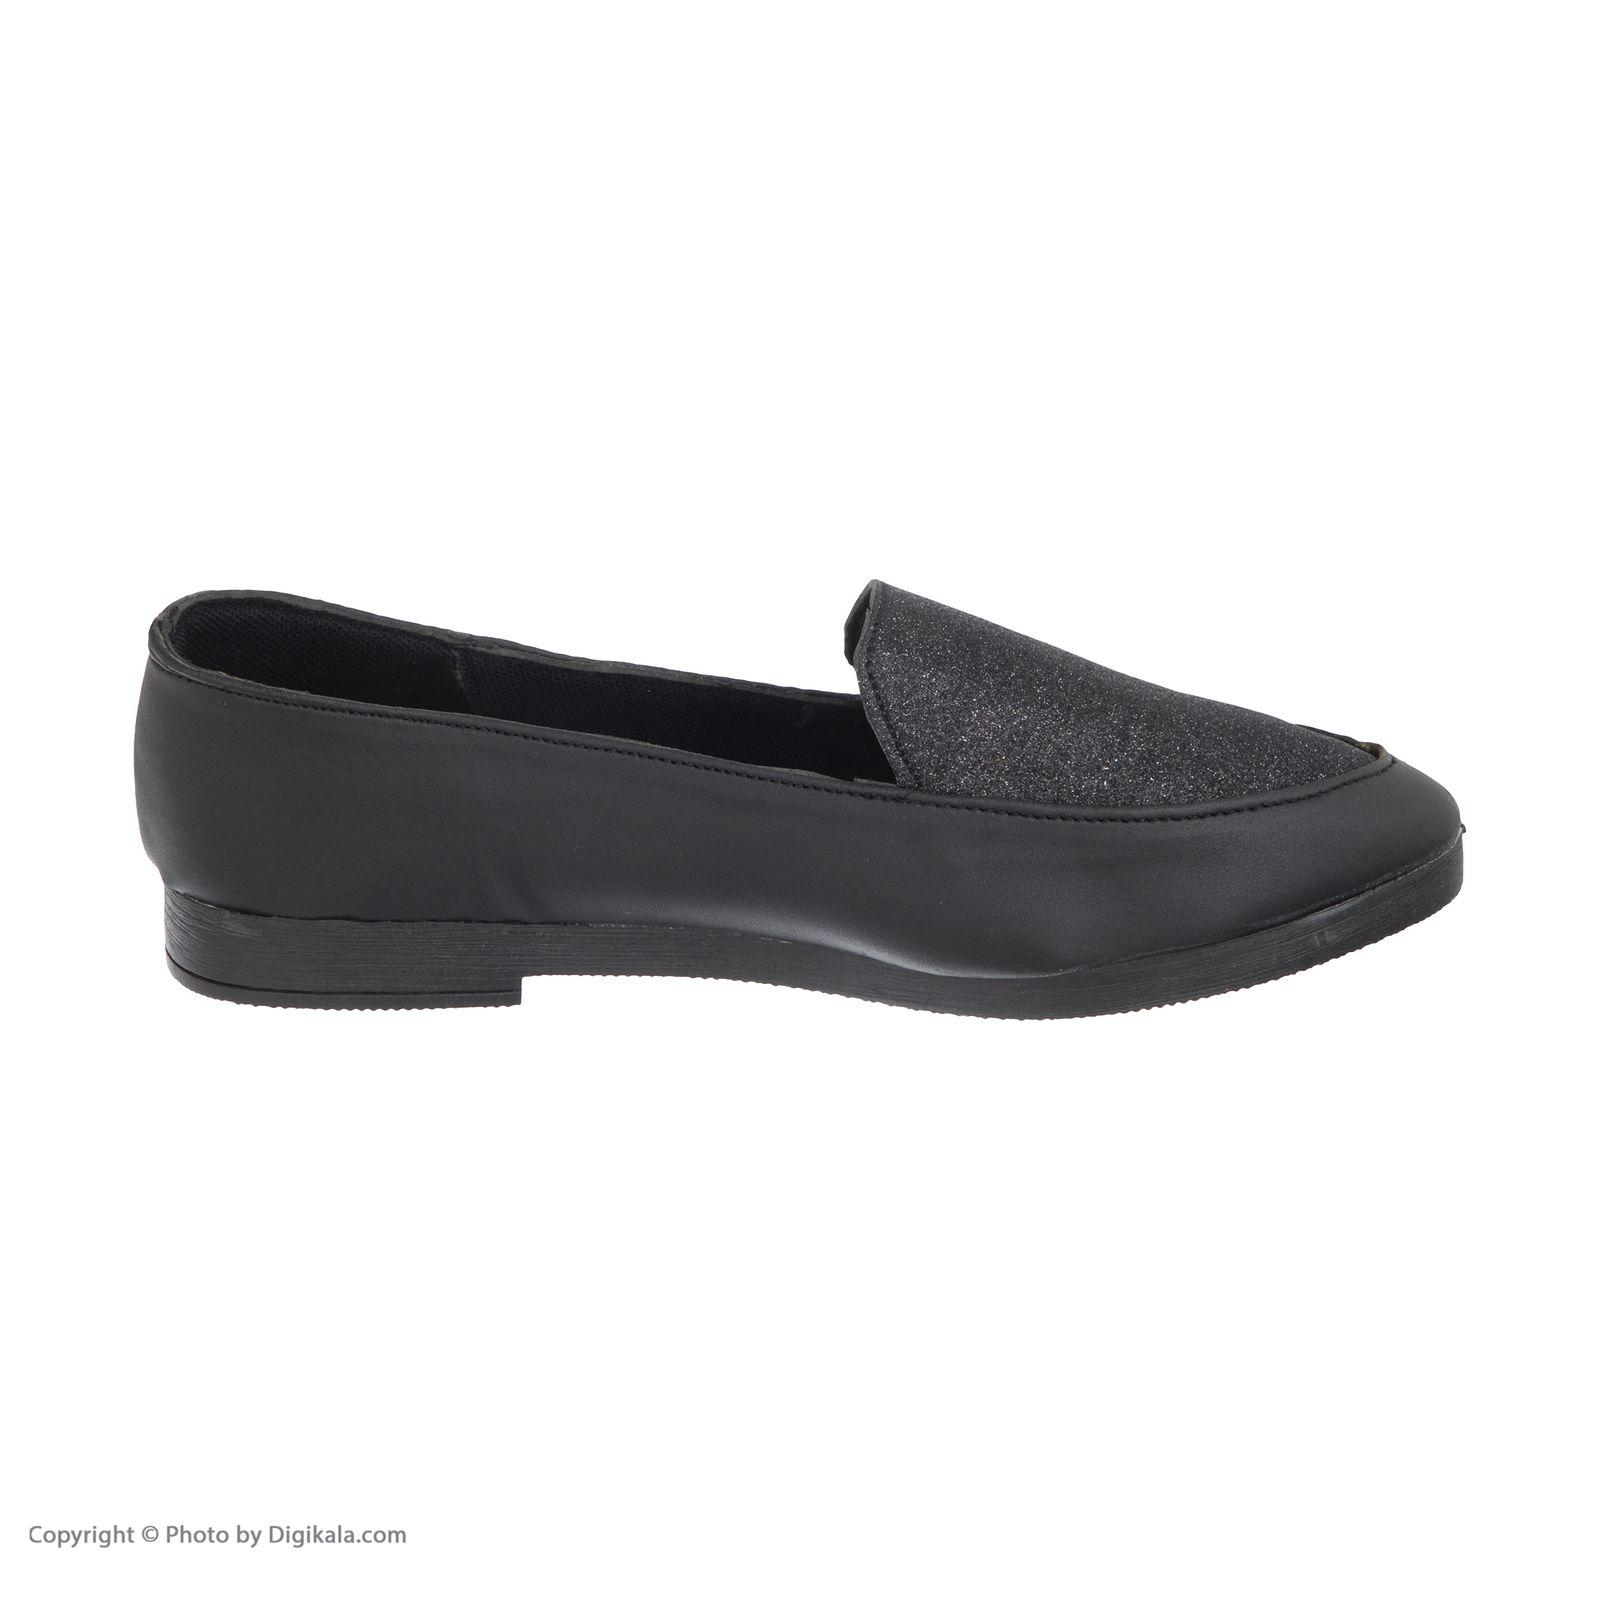 کفش زنانه لبتو مدل 501099 -  - 4